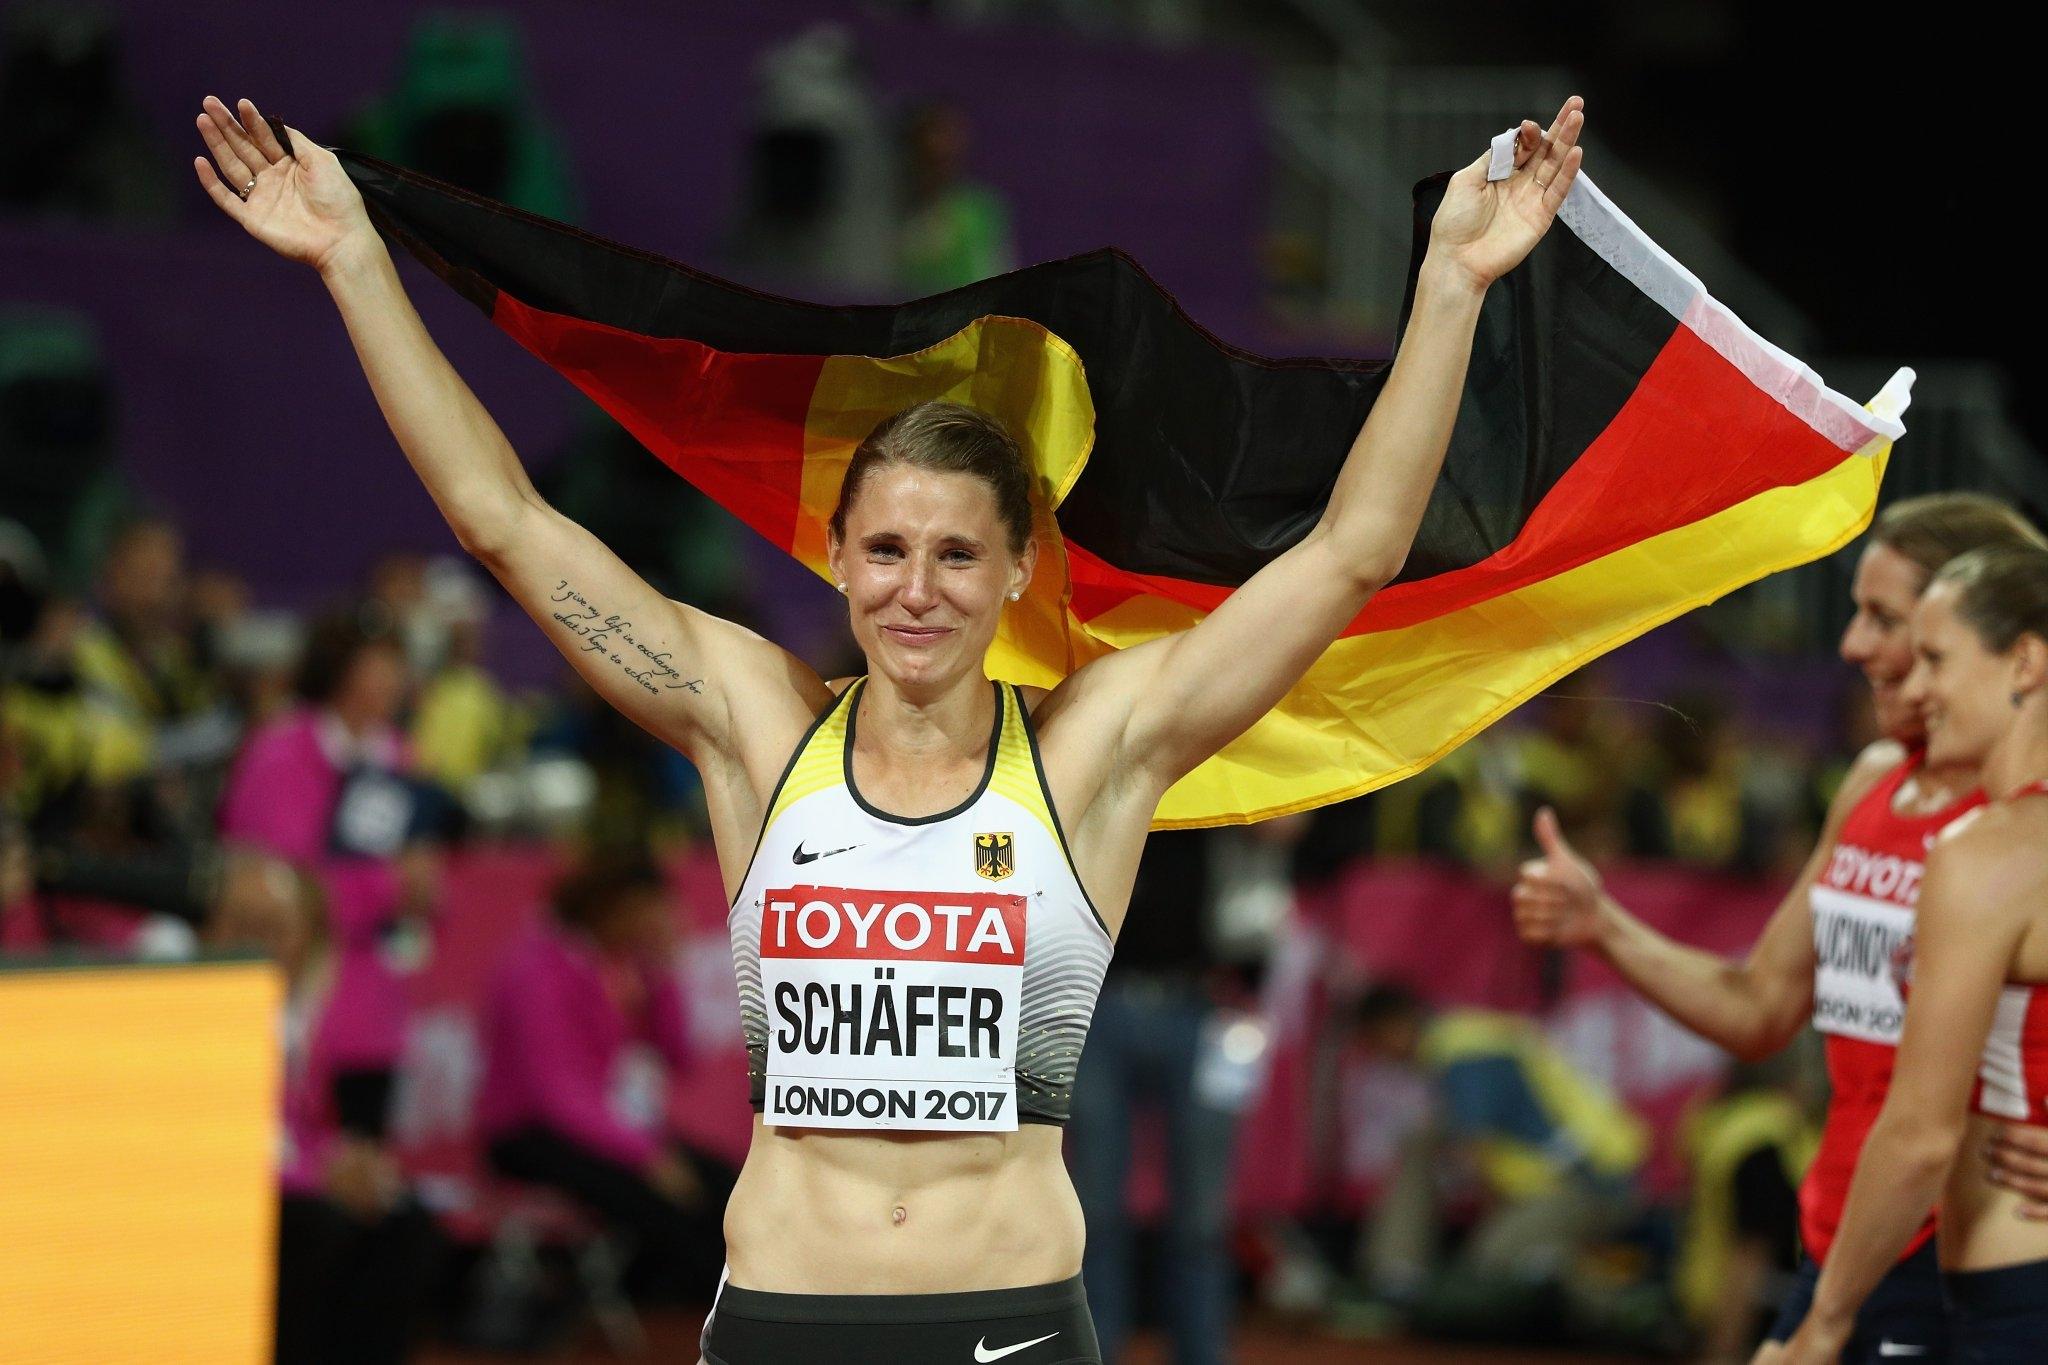 Сребърната медалистка в седмобоя от Световното първенство в Лондон през